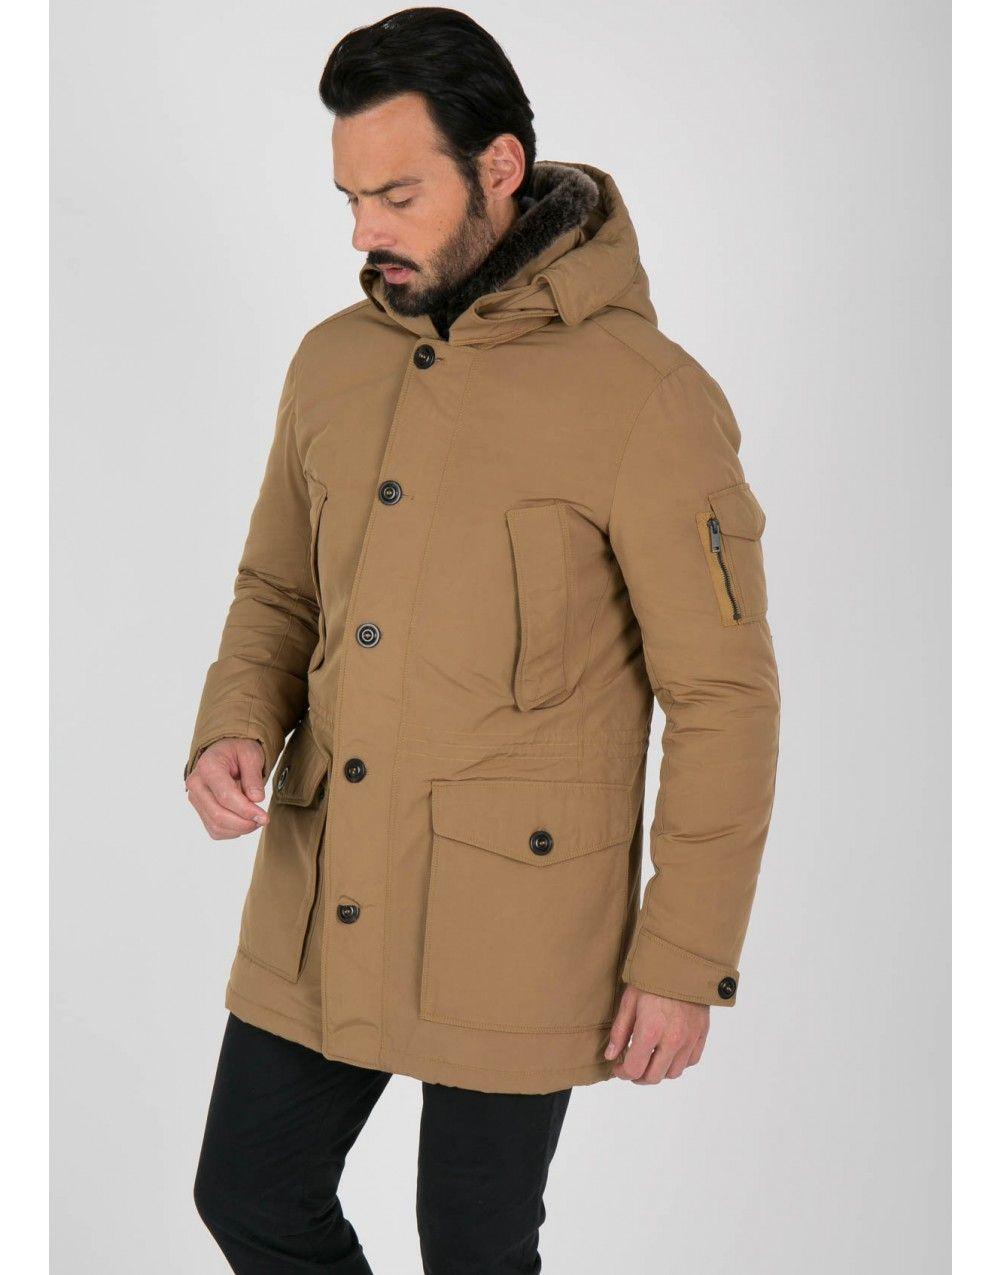 super promotions 50-70% de réduction assez bon marché Parka homme beige col fourrure   Clothes   Parka, Coat, Jackets